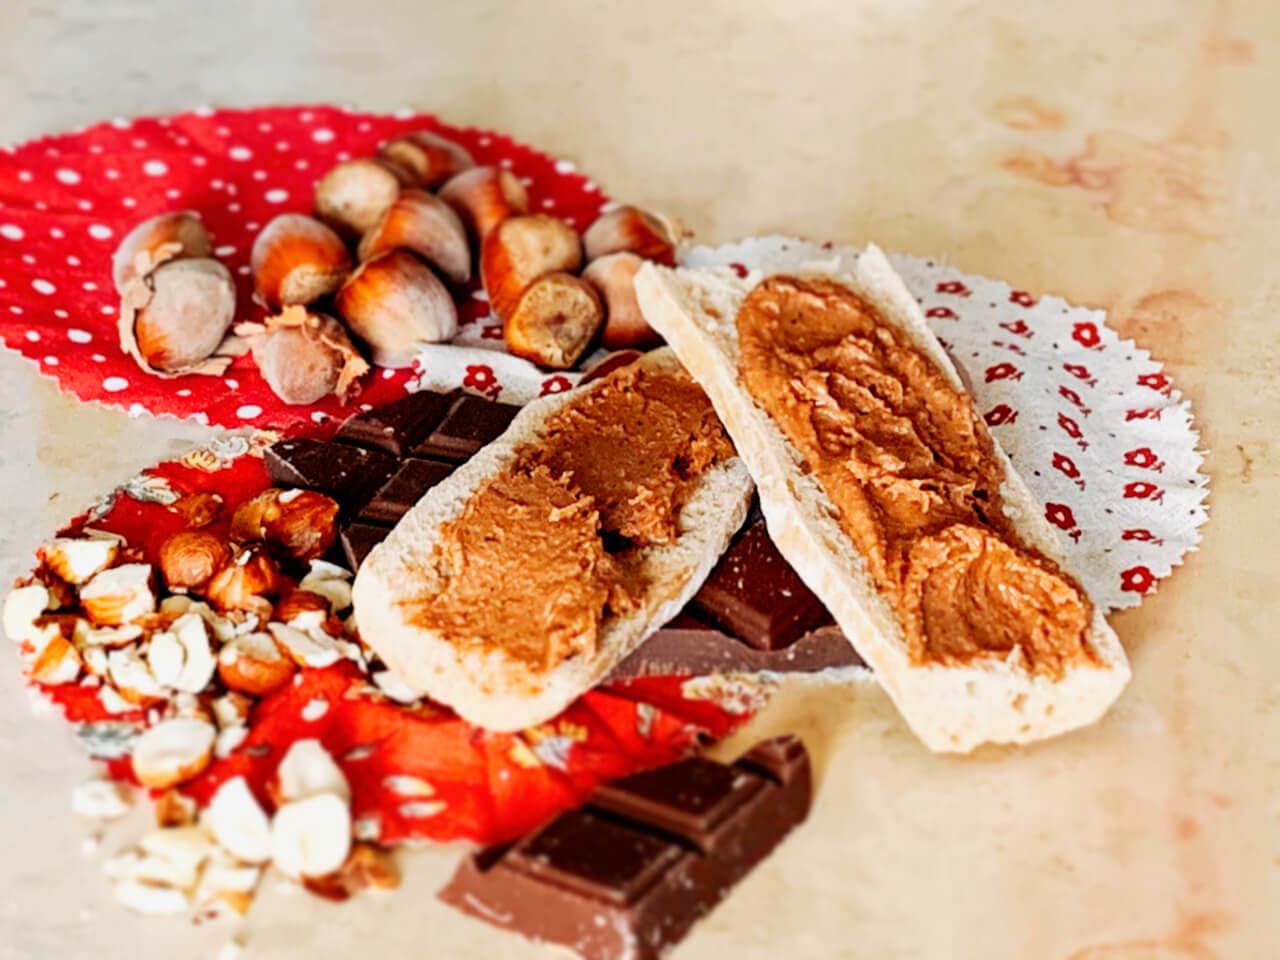 朝食にいかが? ダヴィッドとっておきのチョコレート・スプレッド